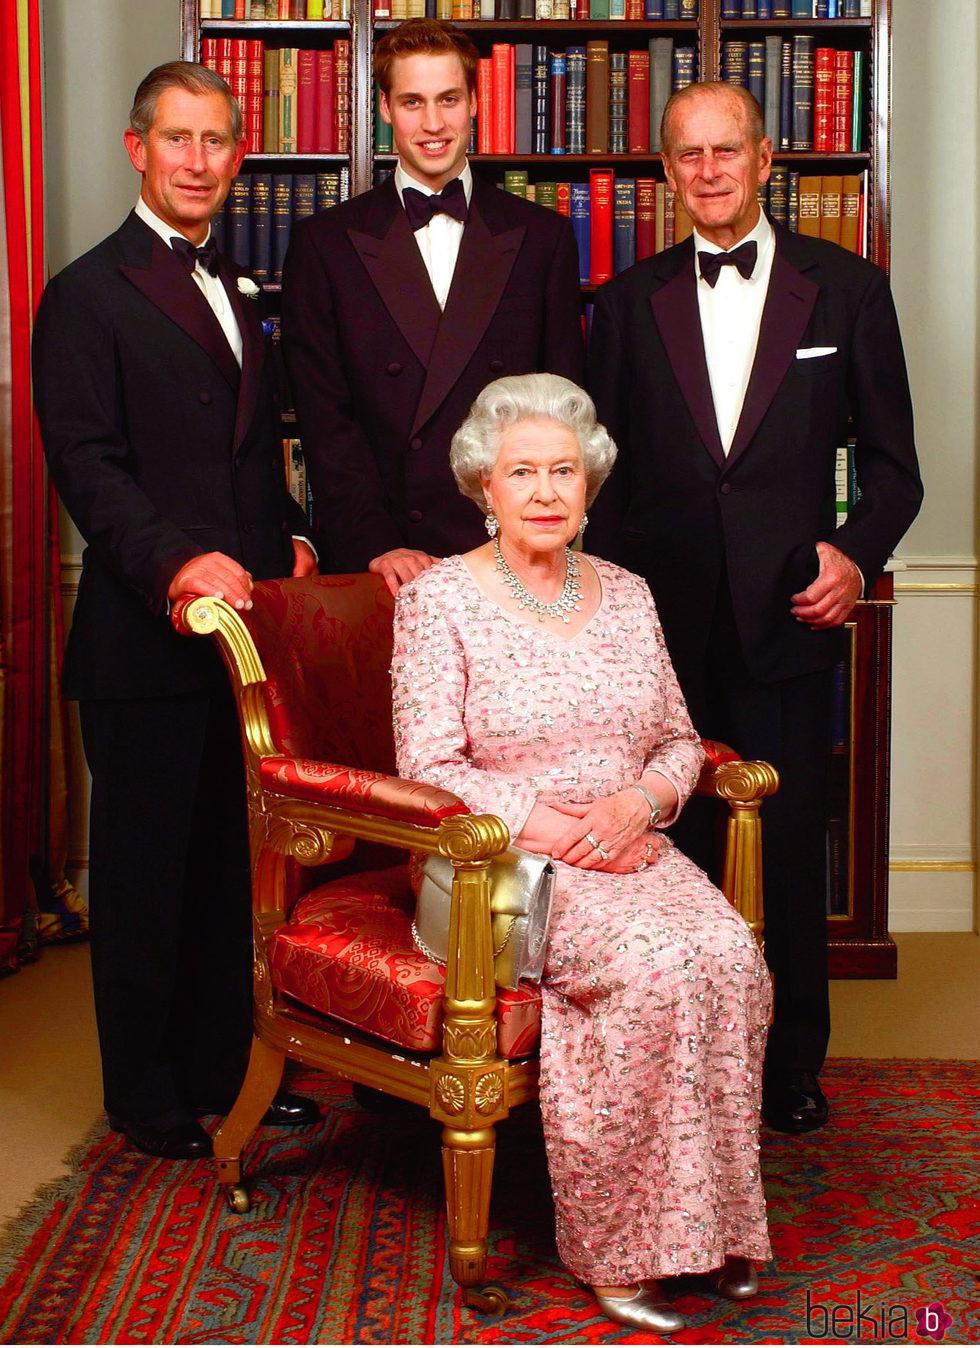 La Reina Isabel, el Duque de Edimburgo, el Príncipe Carlos y el Príncipe Guillermo